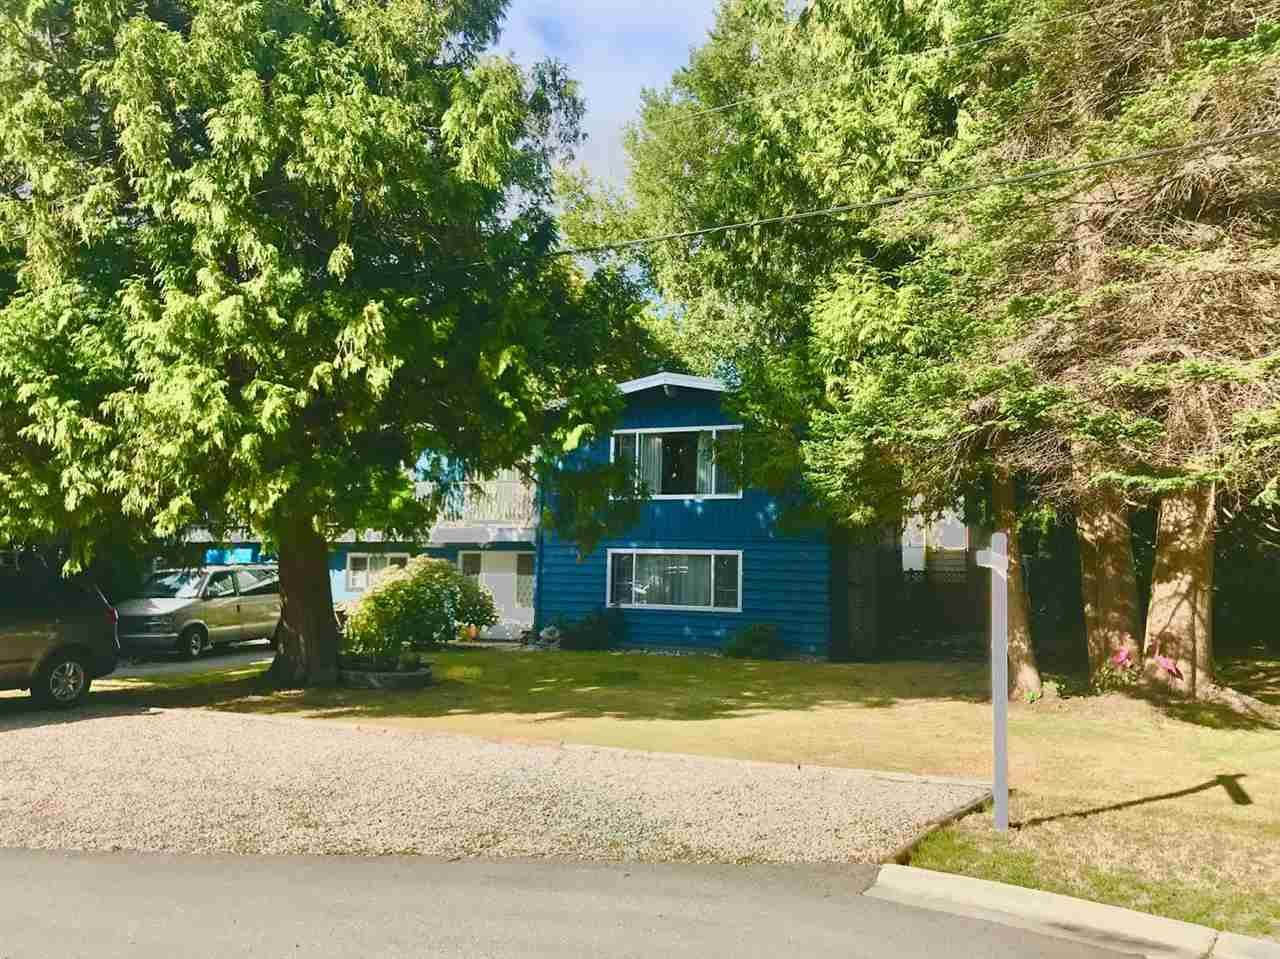 Main Photo: 1021 52A Street in Delta: Tsawwassen Central House for sale (Tsawwassen)  : MLS®# R2494461